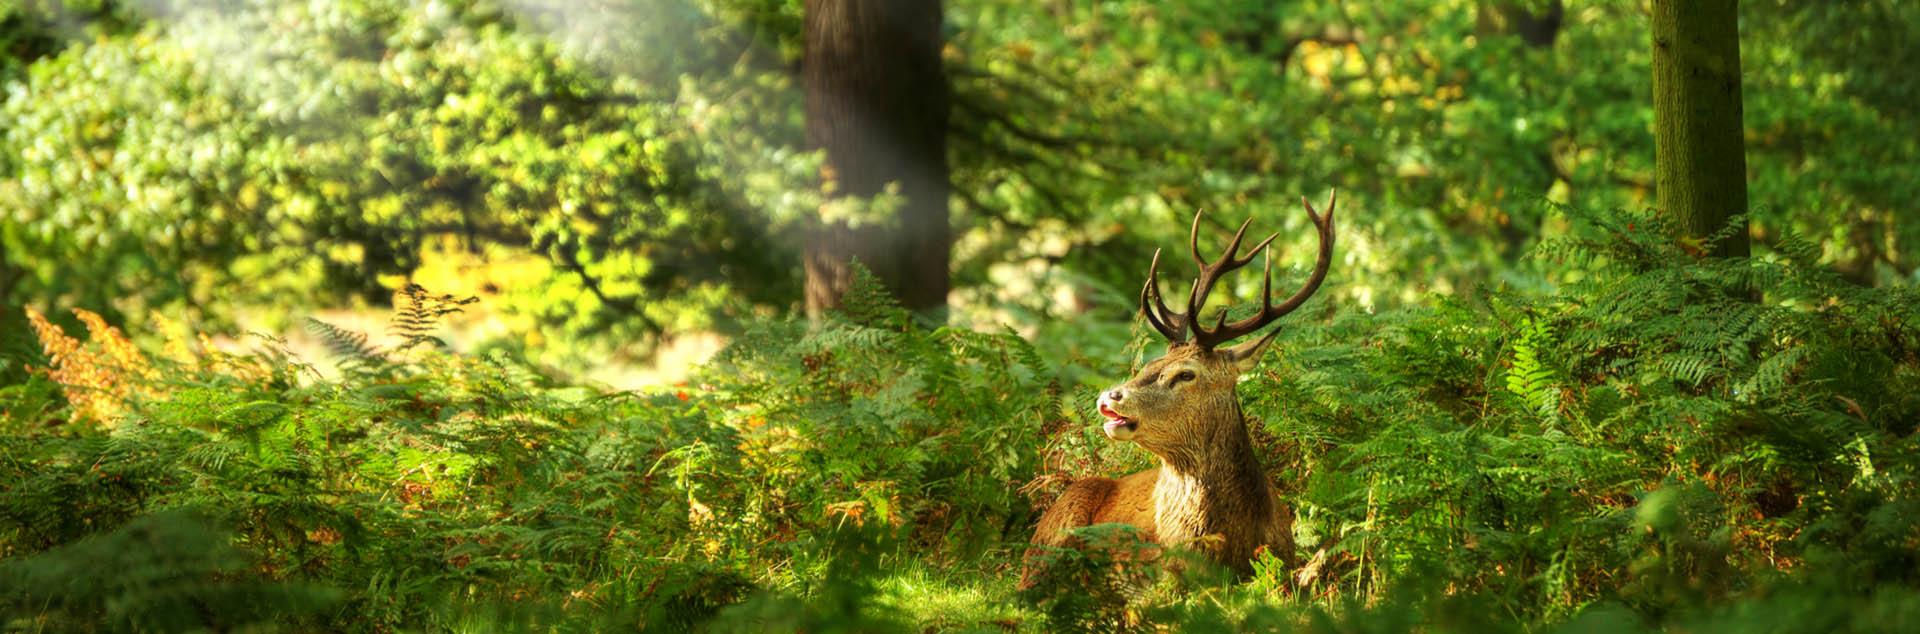 oasi zegna splendida natura